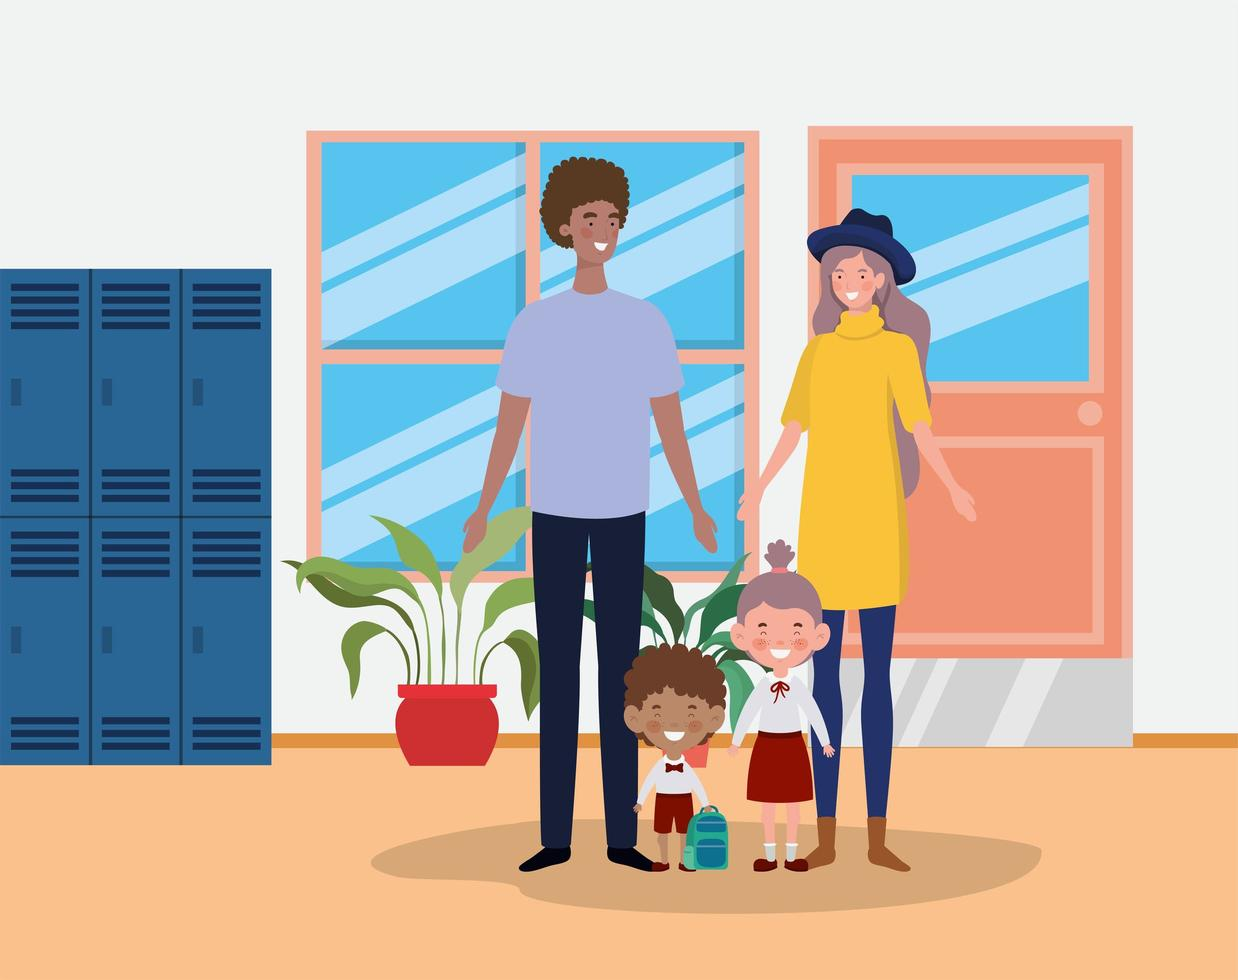 famiglia interrazziale nel corridoio della scuola vettore